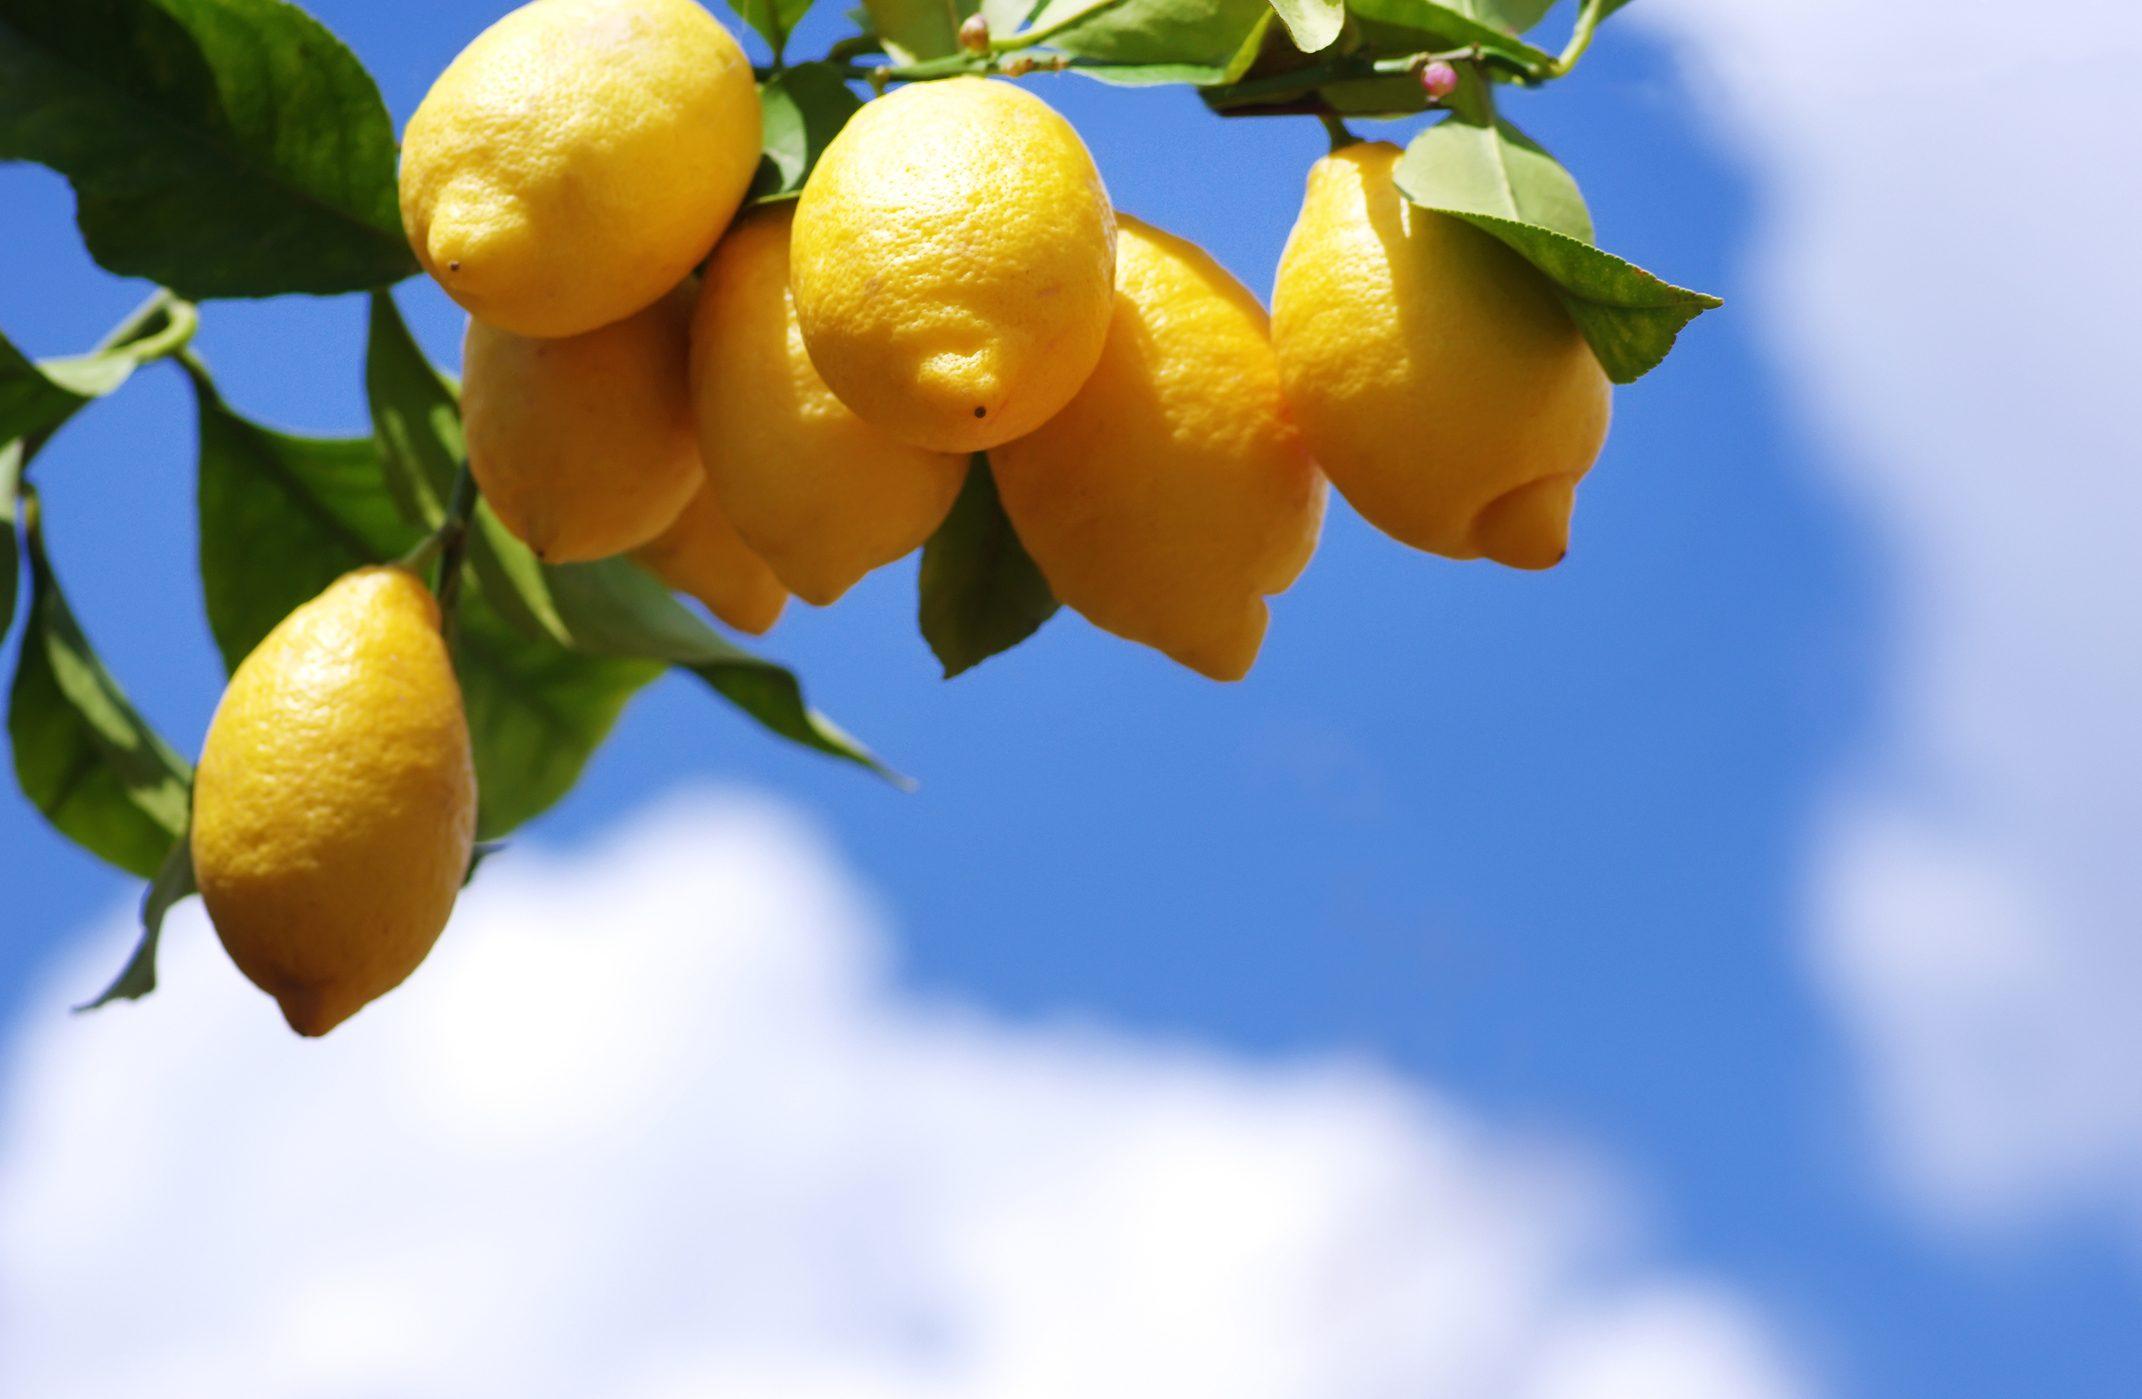 Come Curare Le Piante come curare la pianta di limone: in vaso o in giardino, l